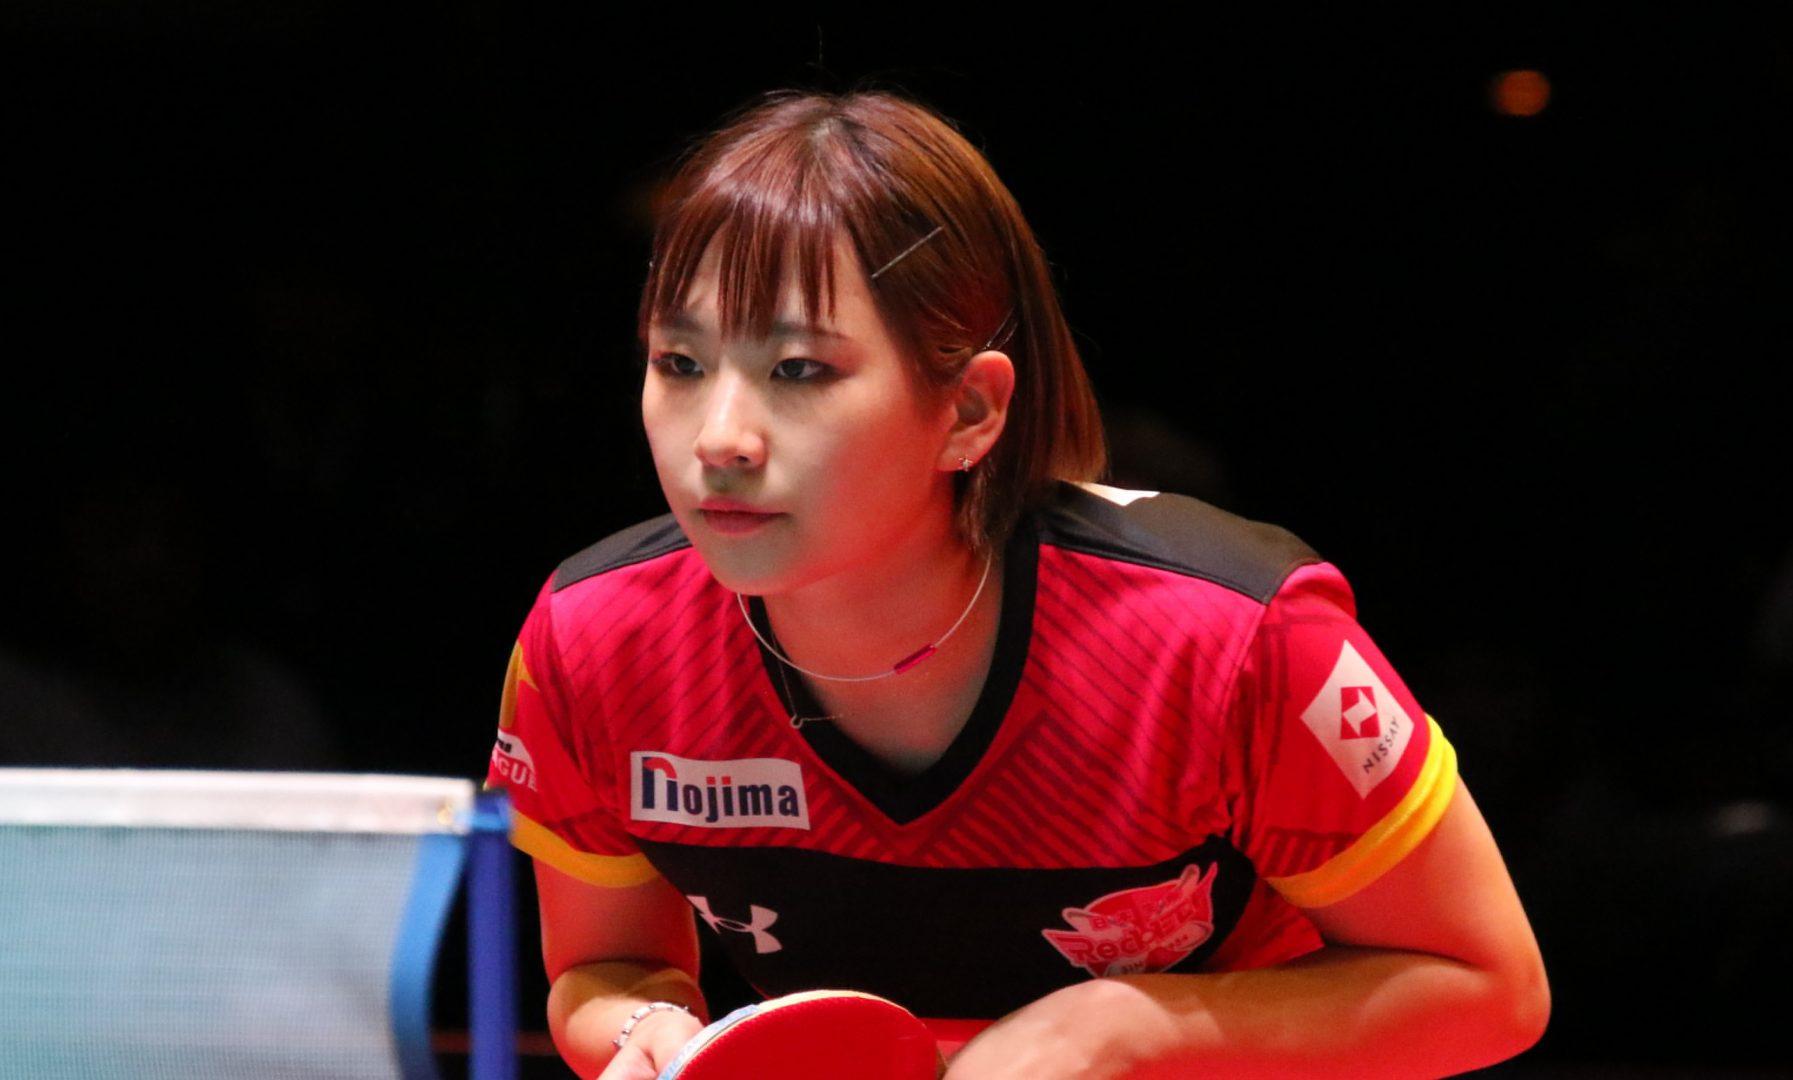 前田美優、Tリーグ初代チャンピオンTシャツで23歳の誕生日を報告